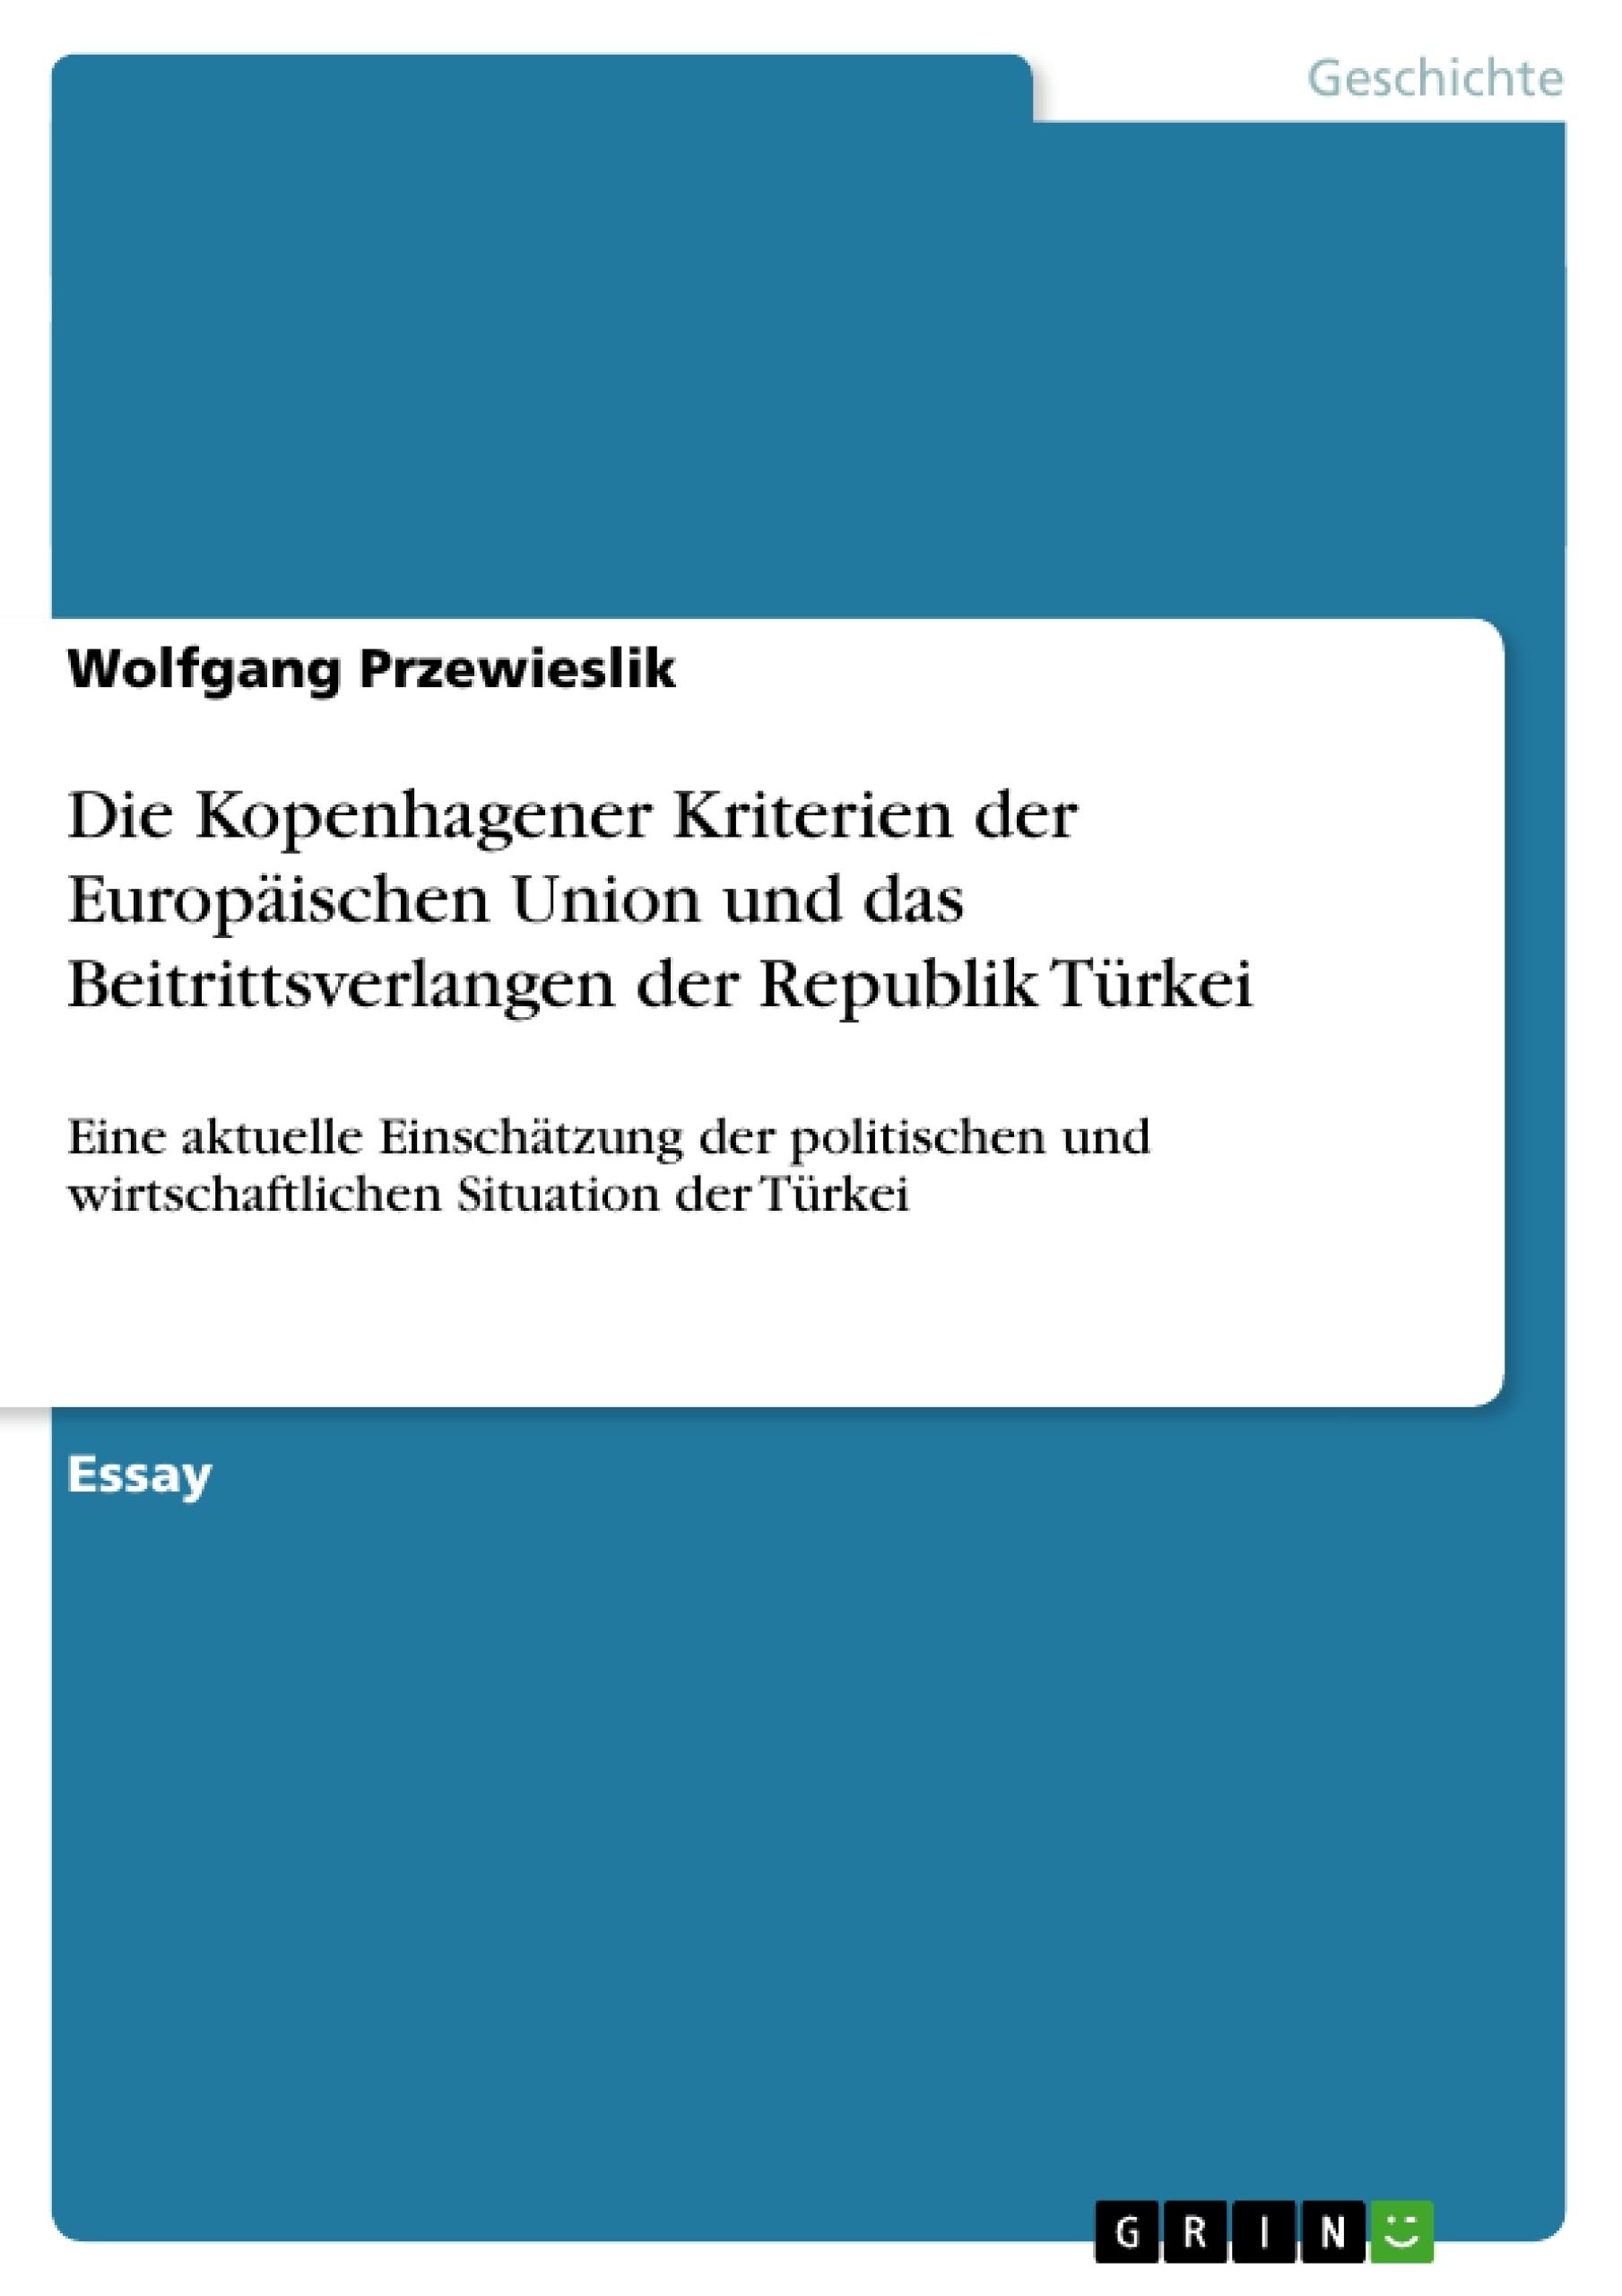 Titel: Die Kopenhagener Kriterien der Europäischen Union und das Beitrittsverlangen der Republik Türkei